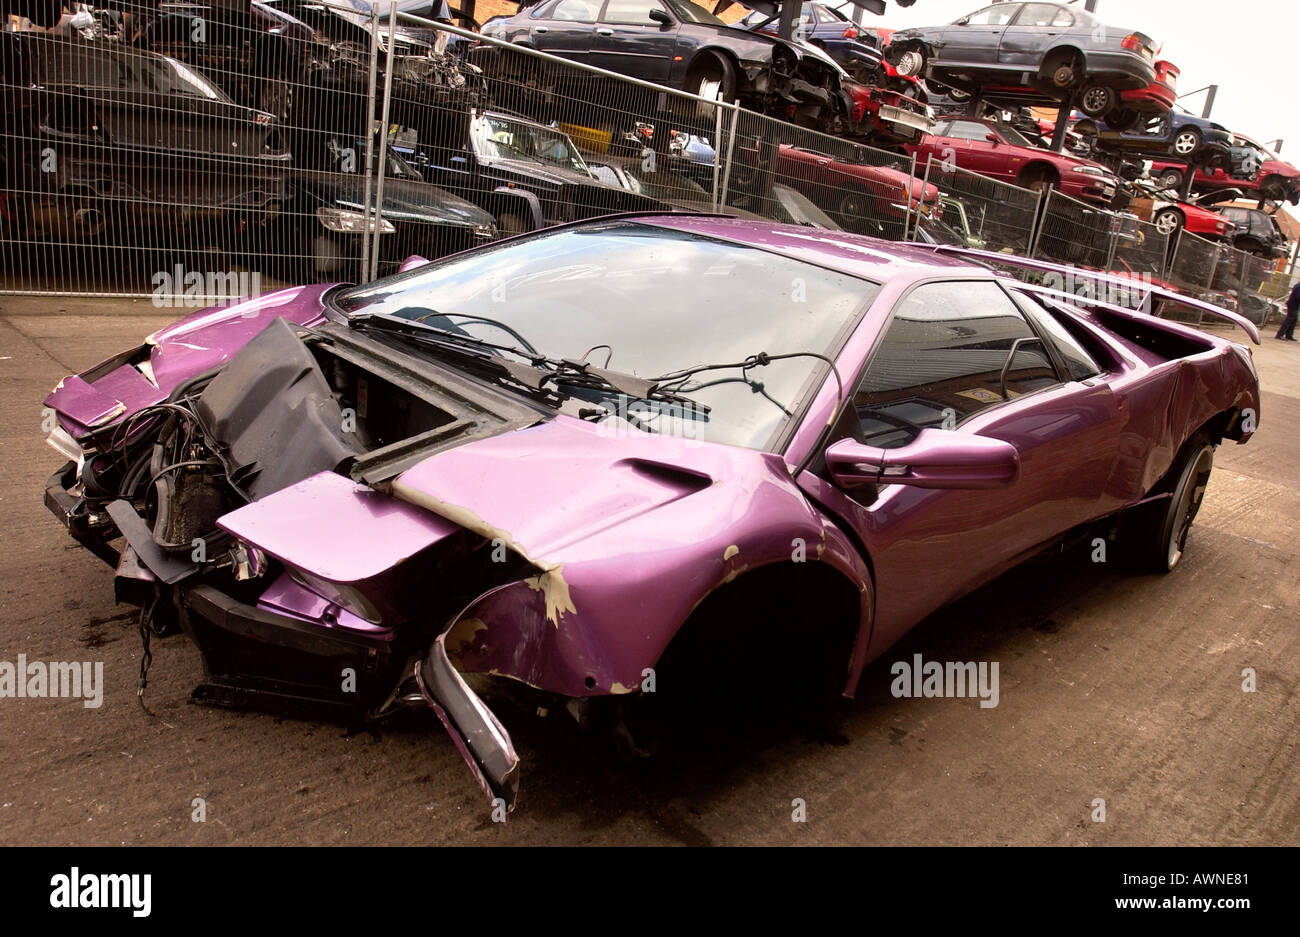 Crashed Lamborghini Stock Photos Crashed Lamborghini Stock Images